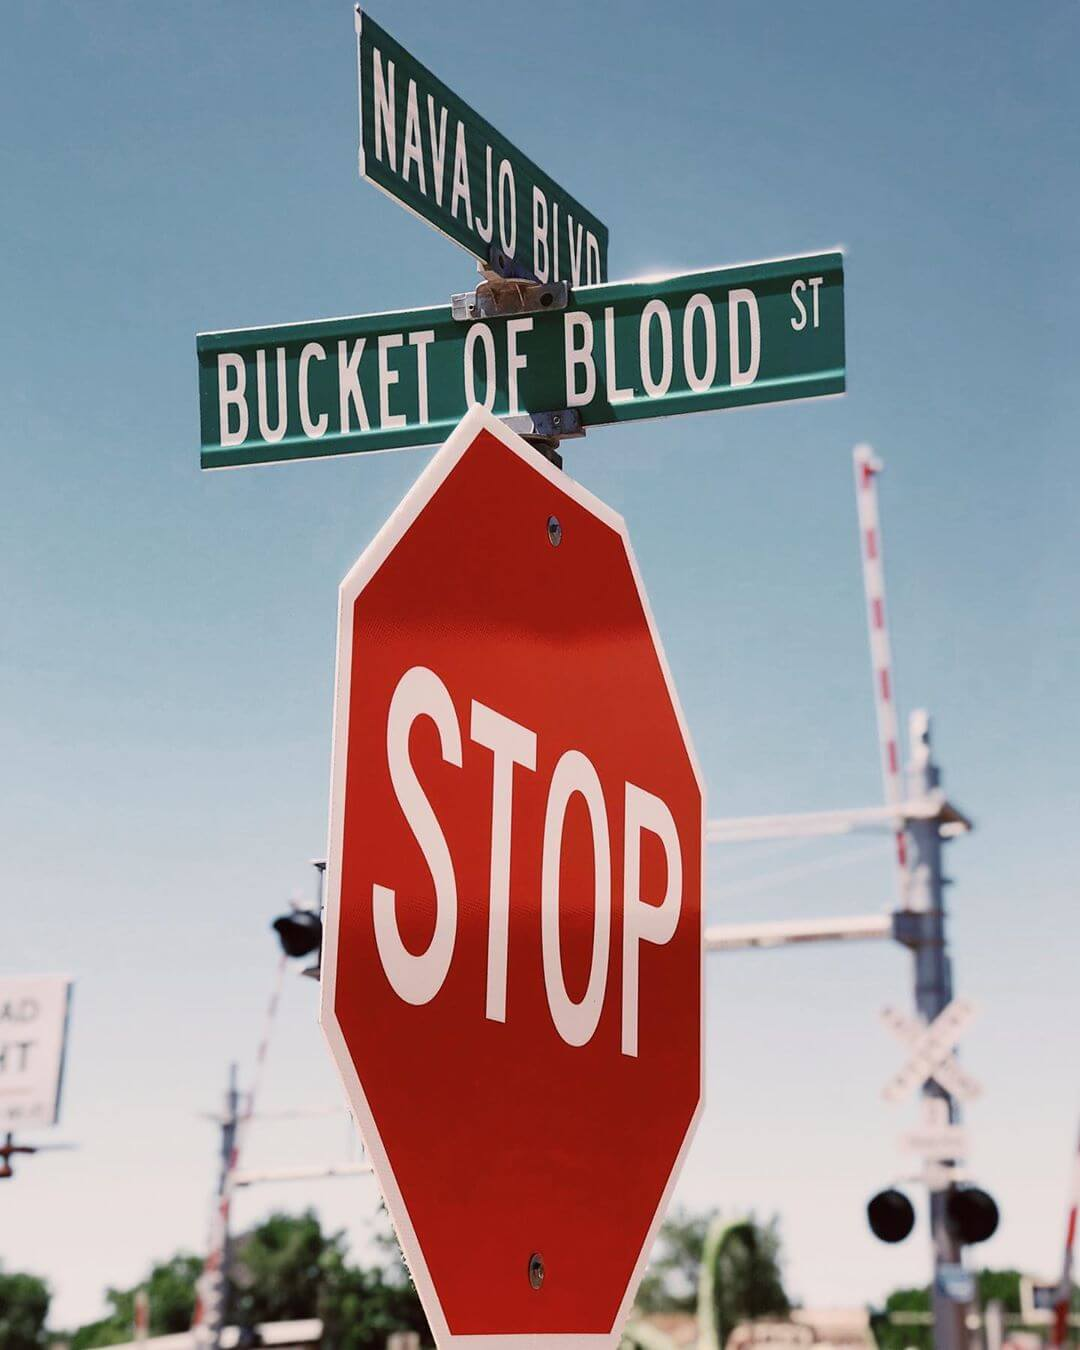 Bucket of Blood